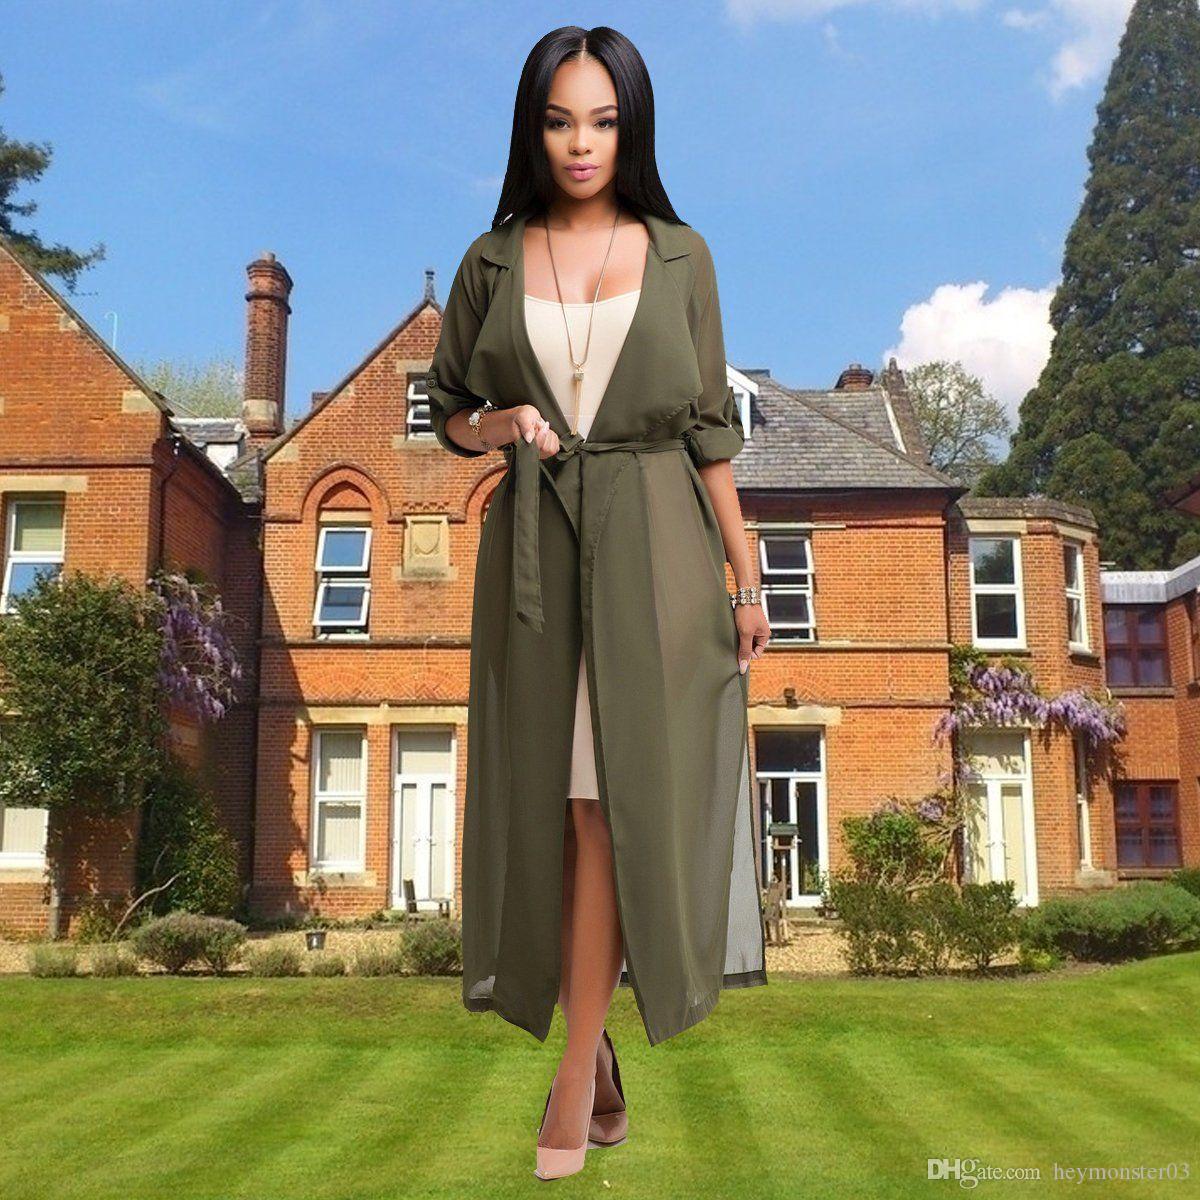 56d9b501e4d4 Осень весна женщины пальто с длинным рукавом отложным воротником кардиган  водопад верхняя одежда уличная длинное пальто женские кардиганы